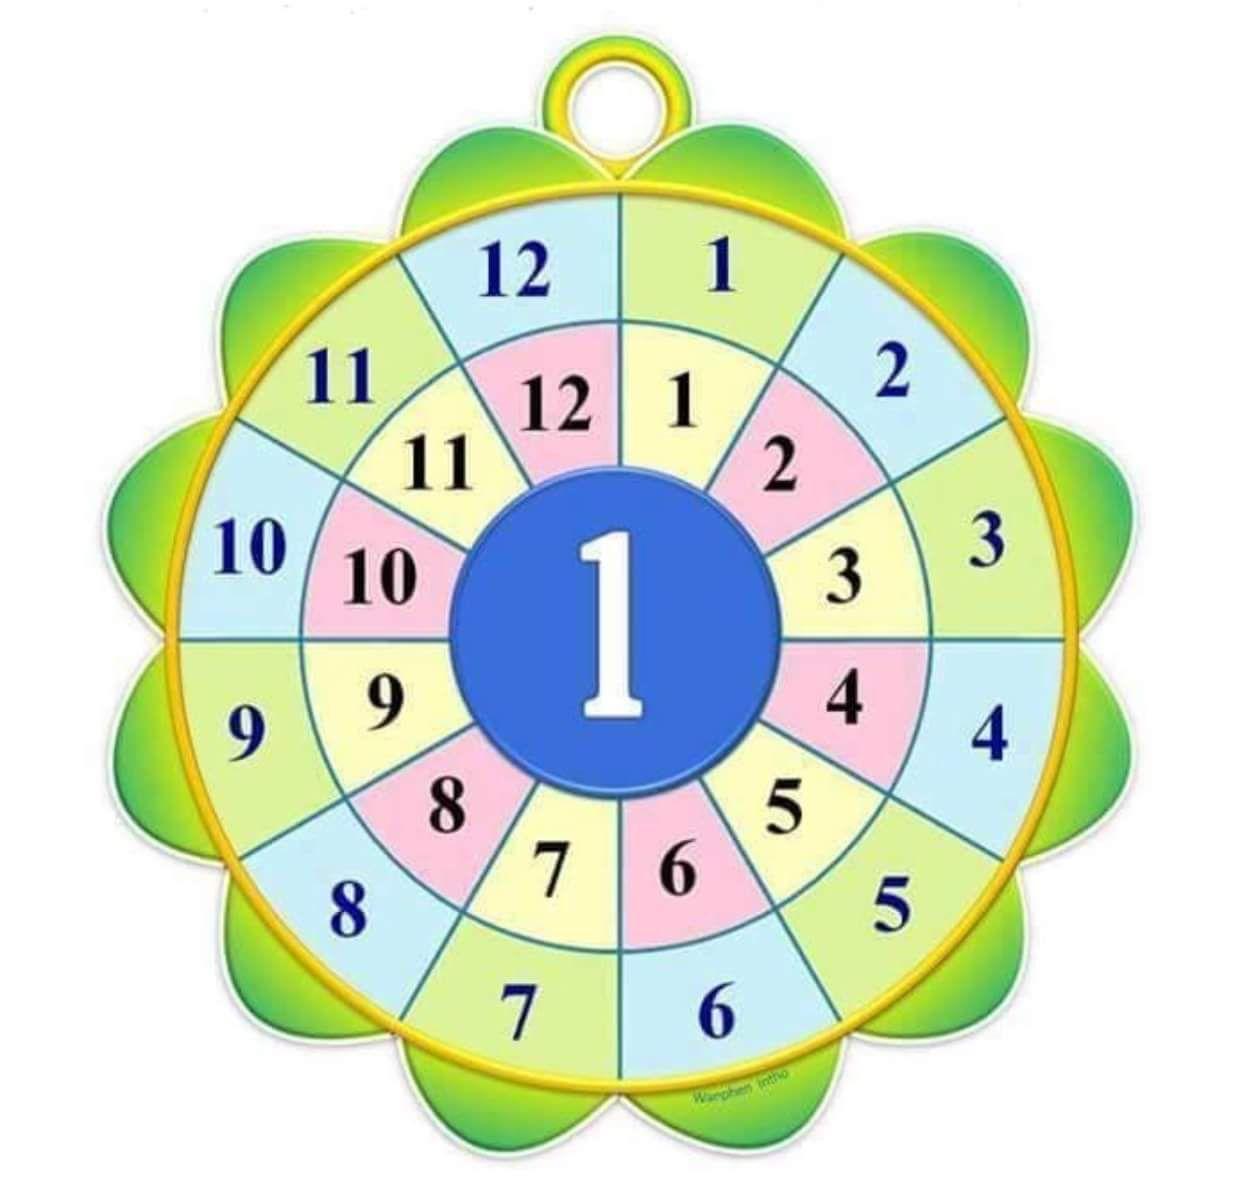 جدول الضرب جدول ١بطريقة ظريفة للاطفال Math Crafts Math Numbers Multiplication Worksheets